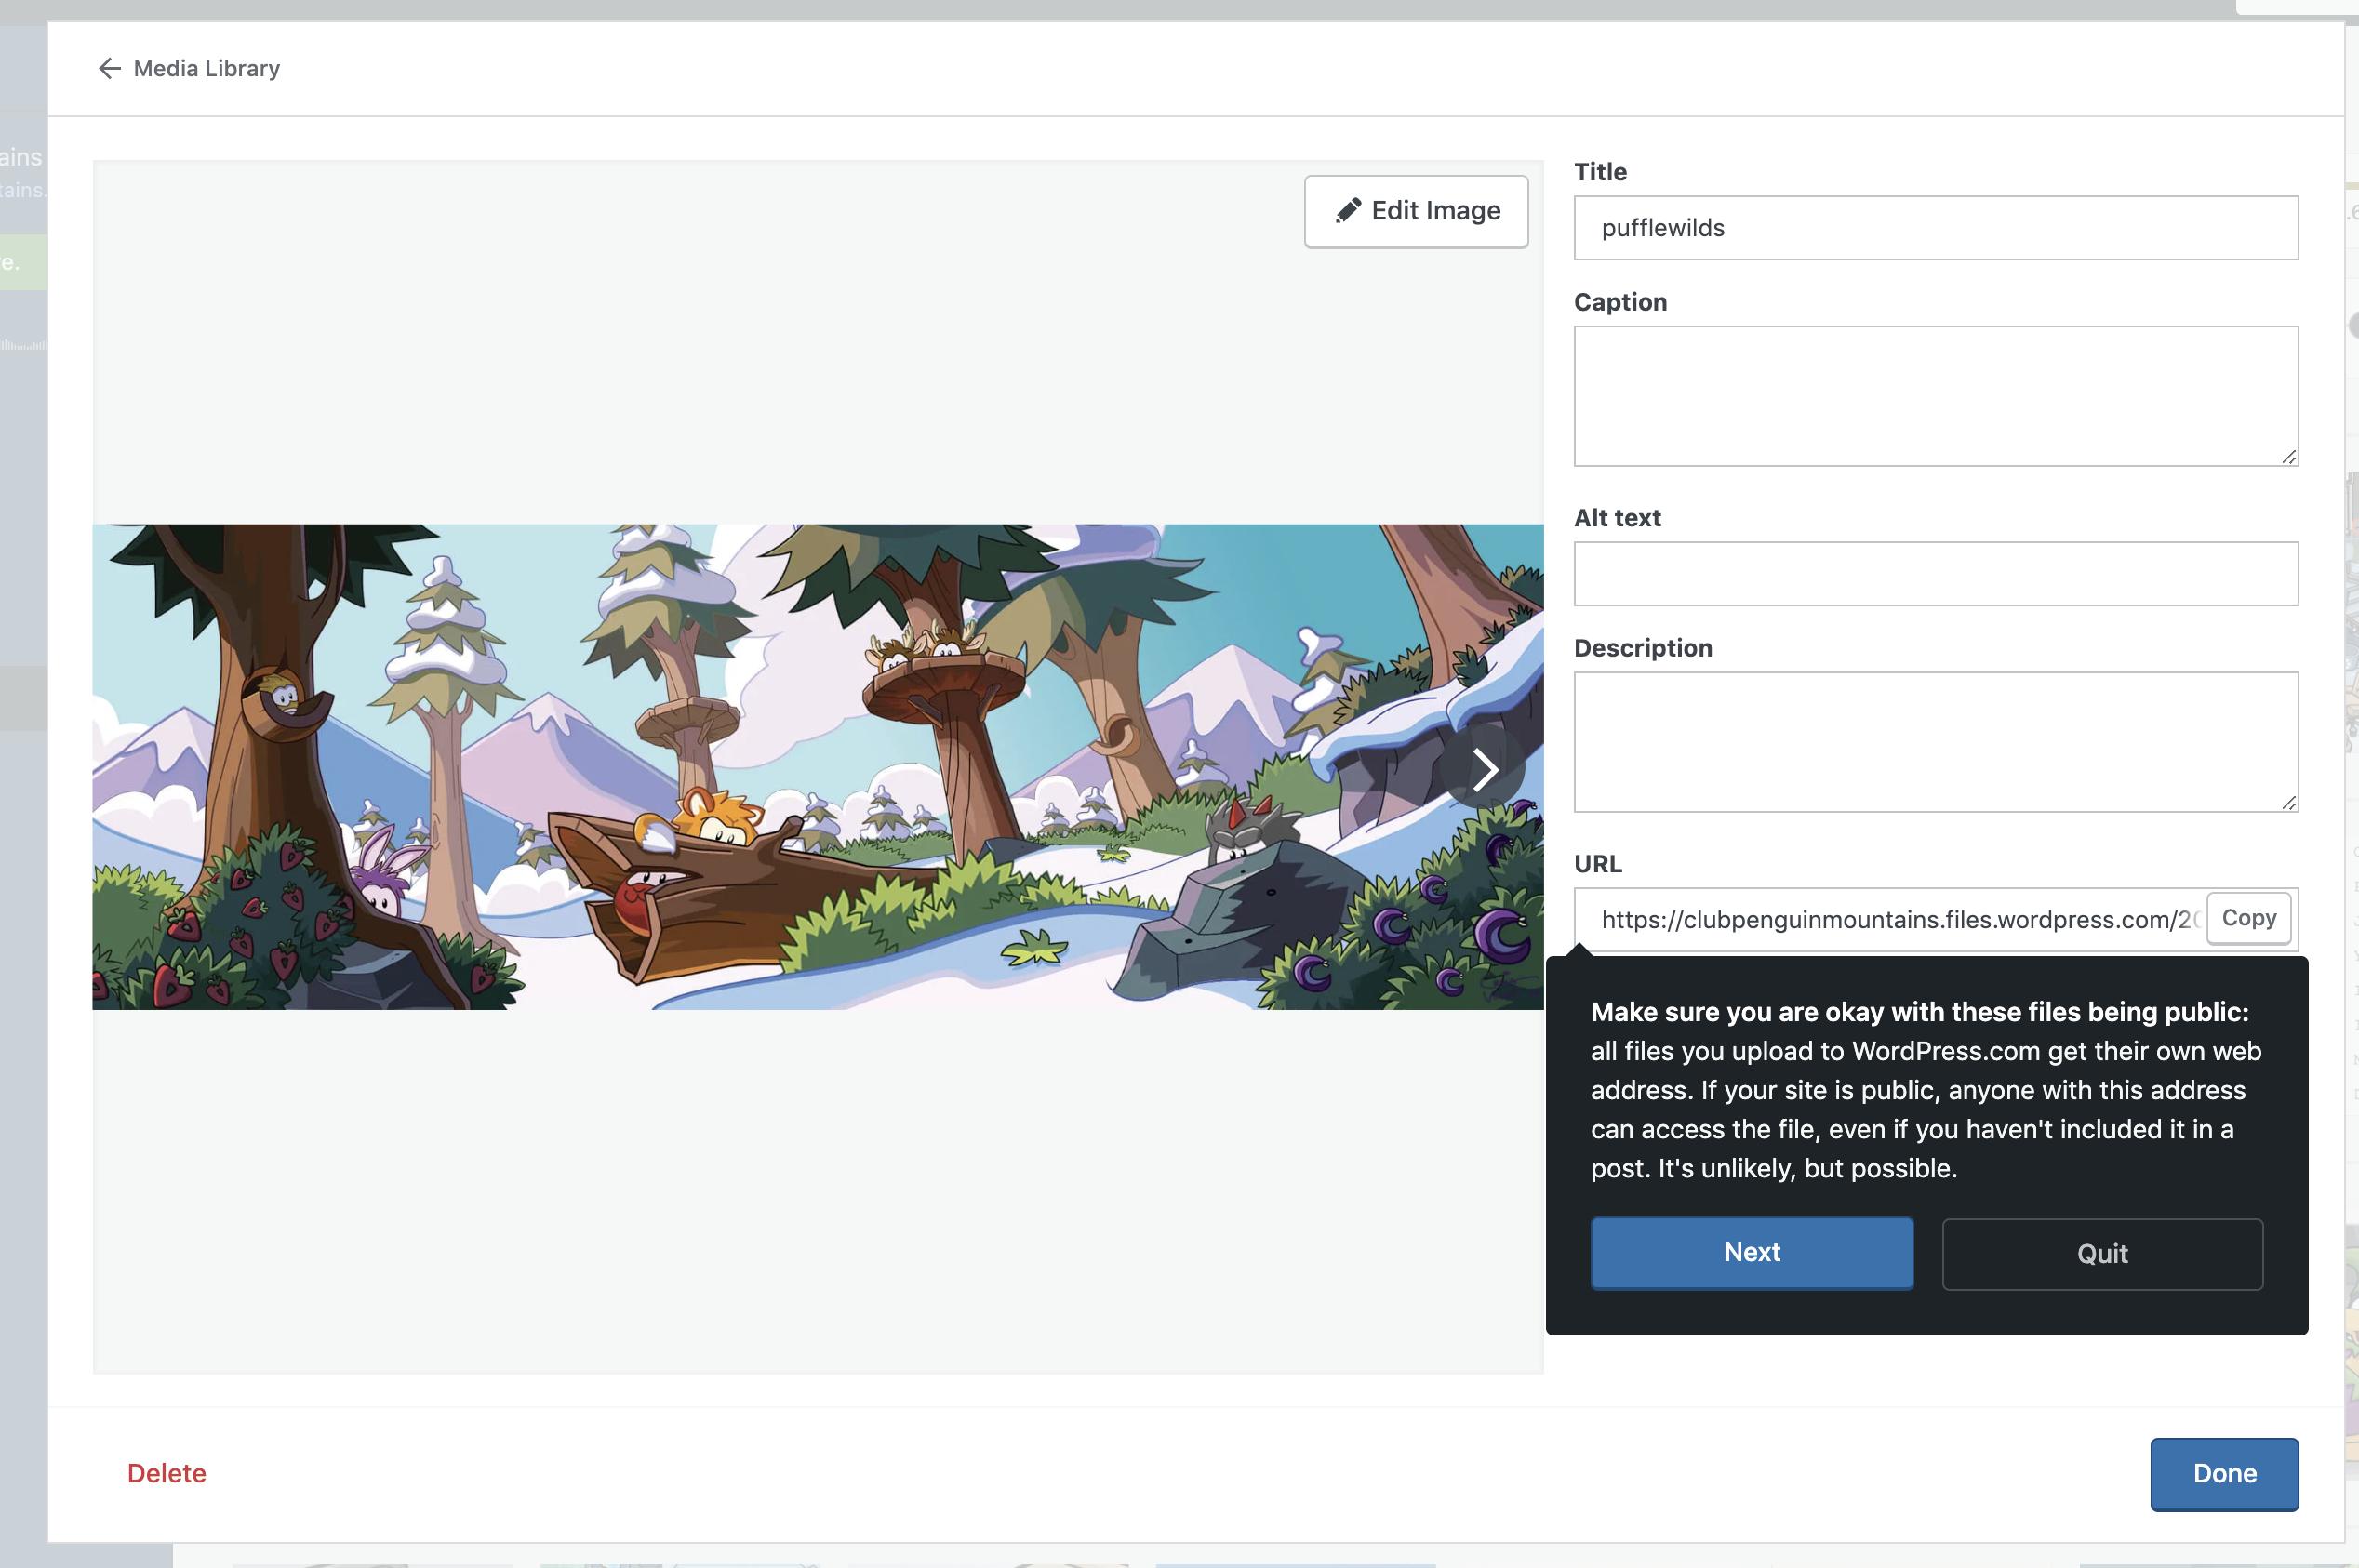 Screenshot 2020-01-24 at 21 58 51